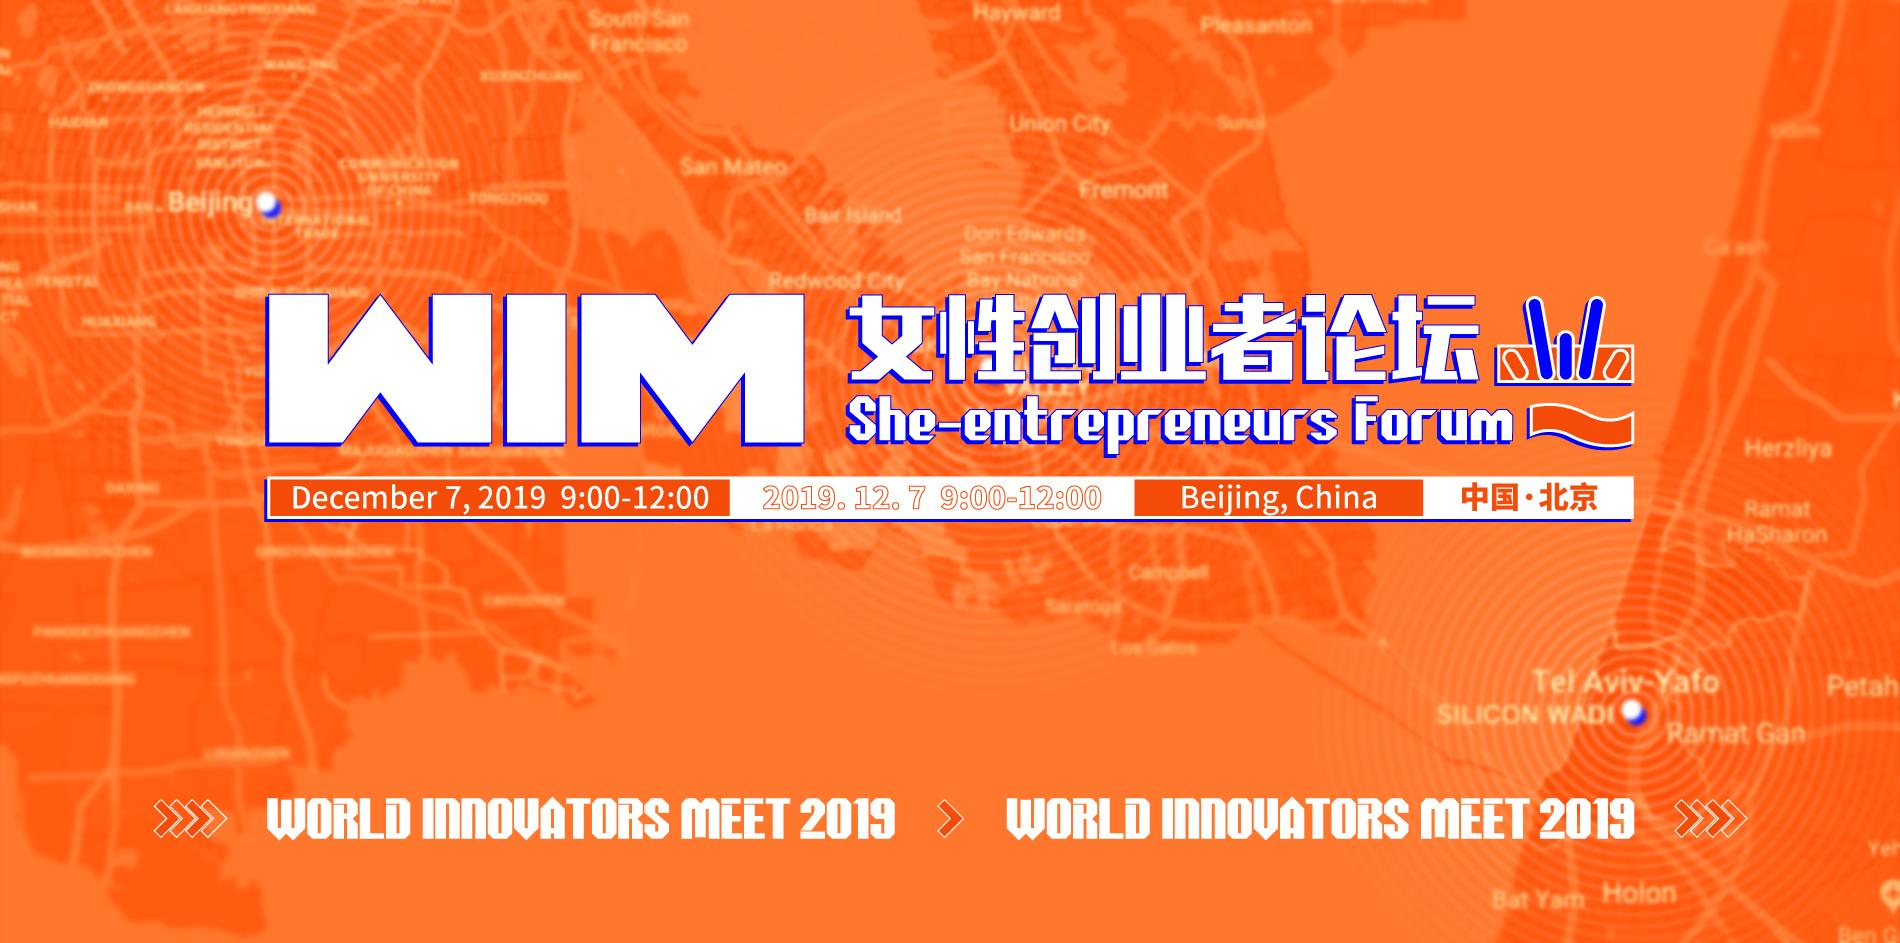 WIM2019 - She entrepreneurs Forum